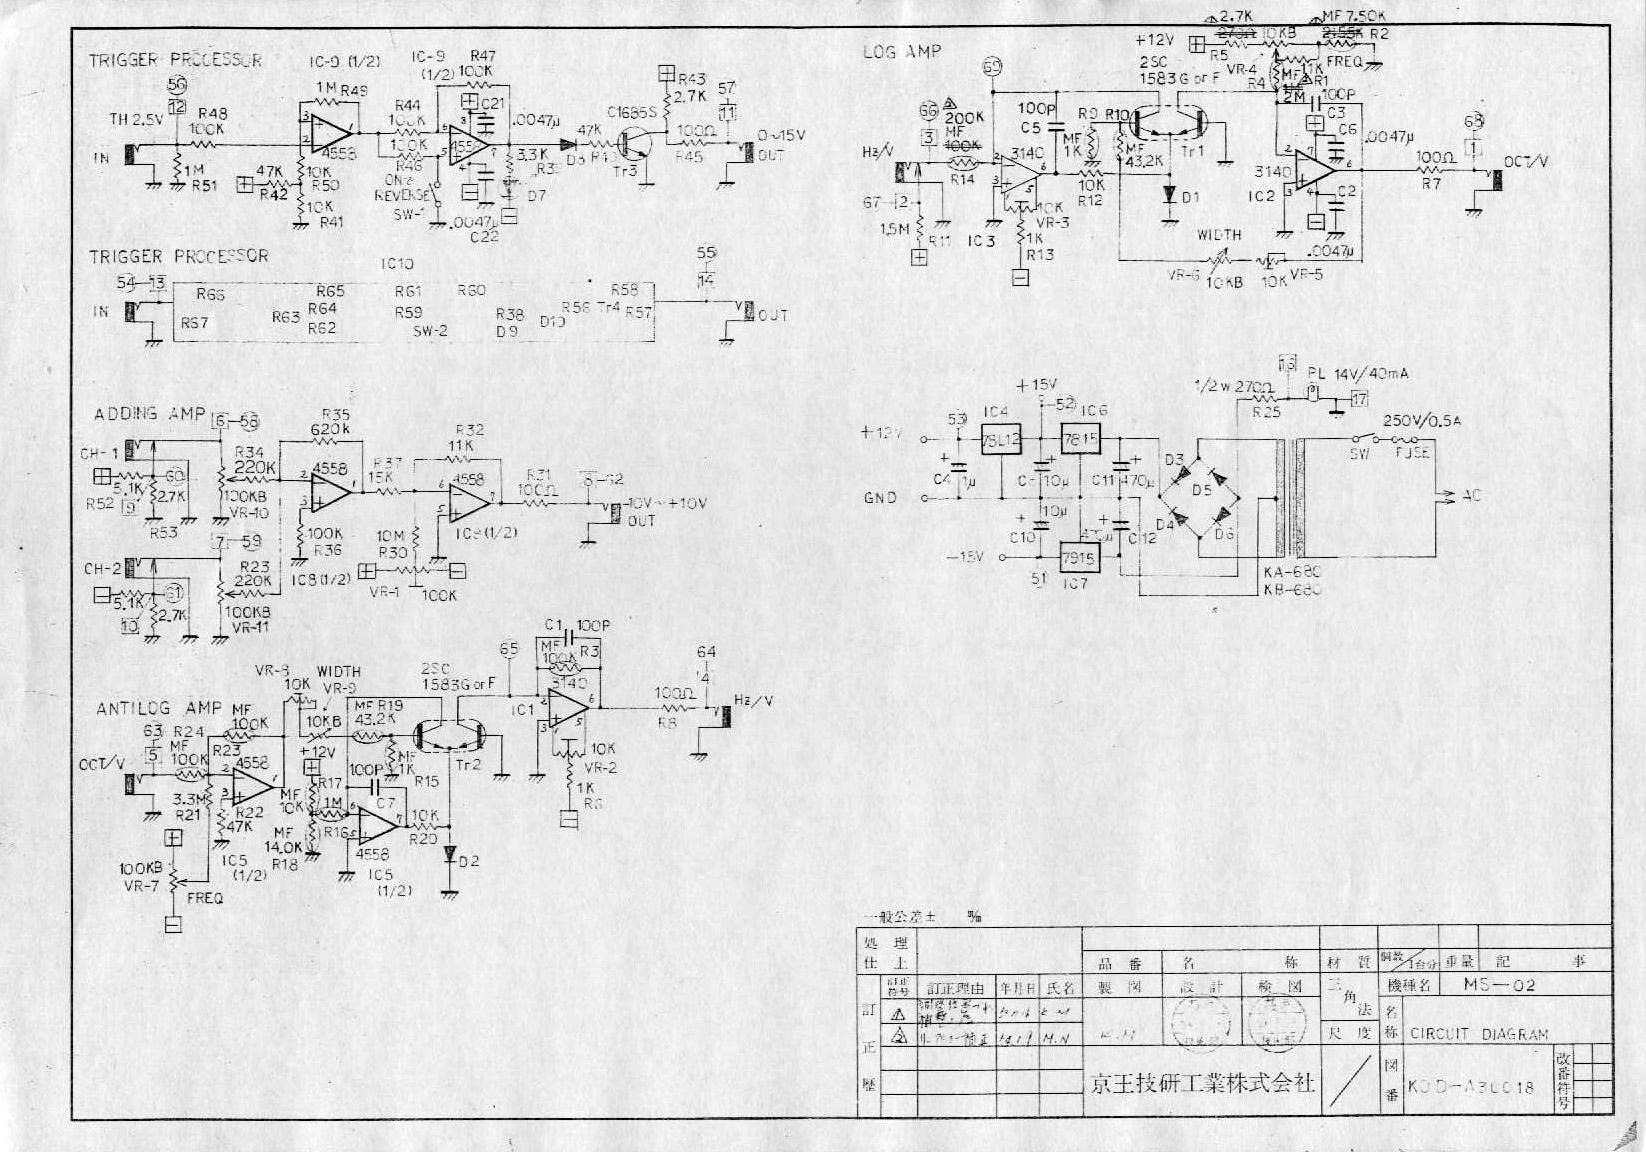 Korg Wiring Diagram - Wiring Diagrams on